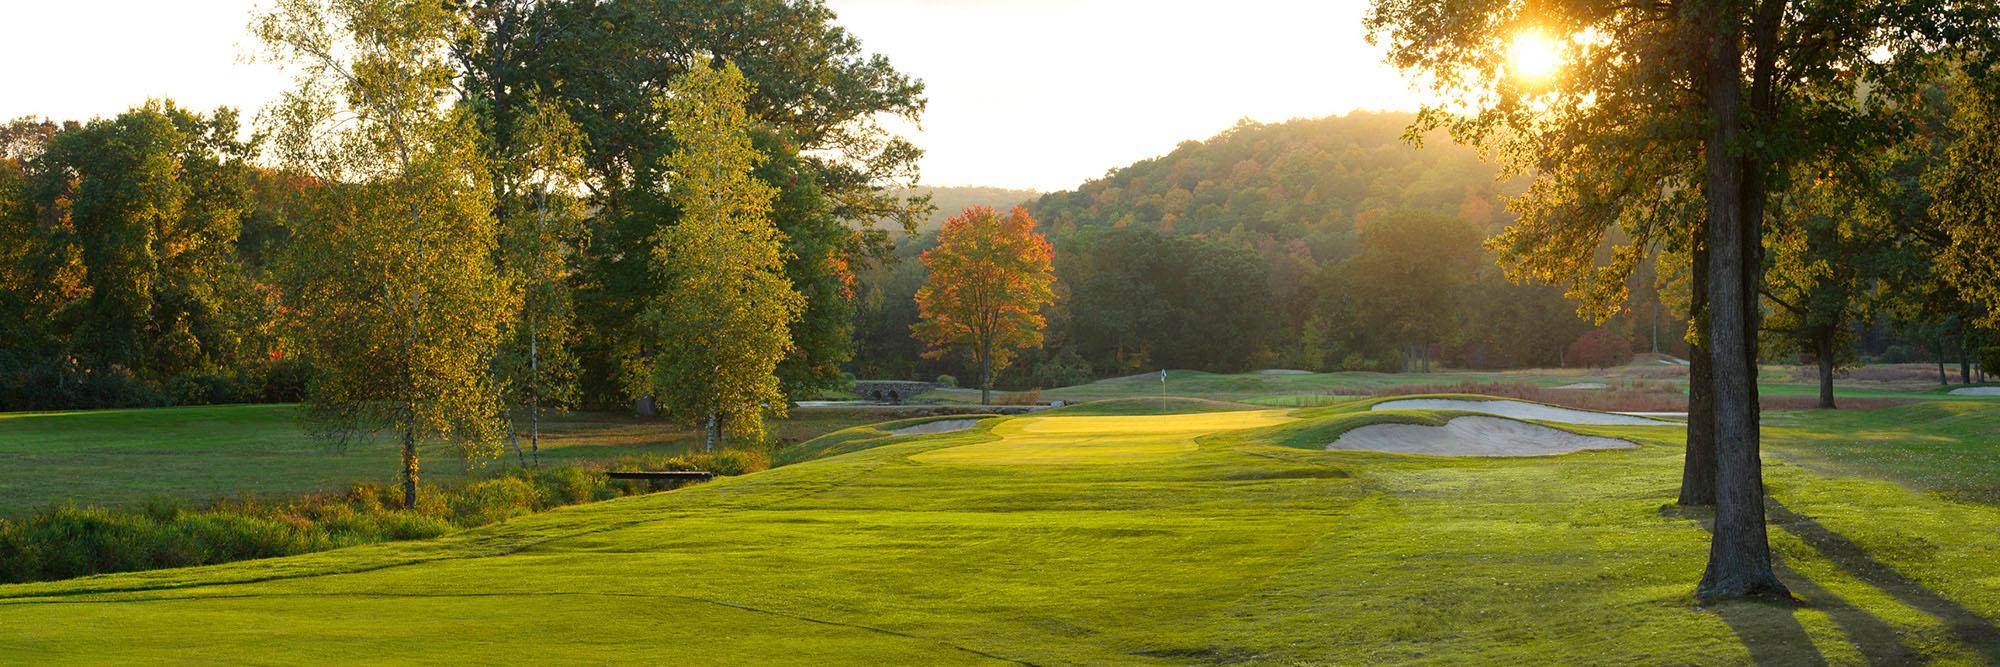 Golf Course Image - The Tuxedo Club No. 14